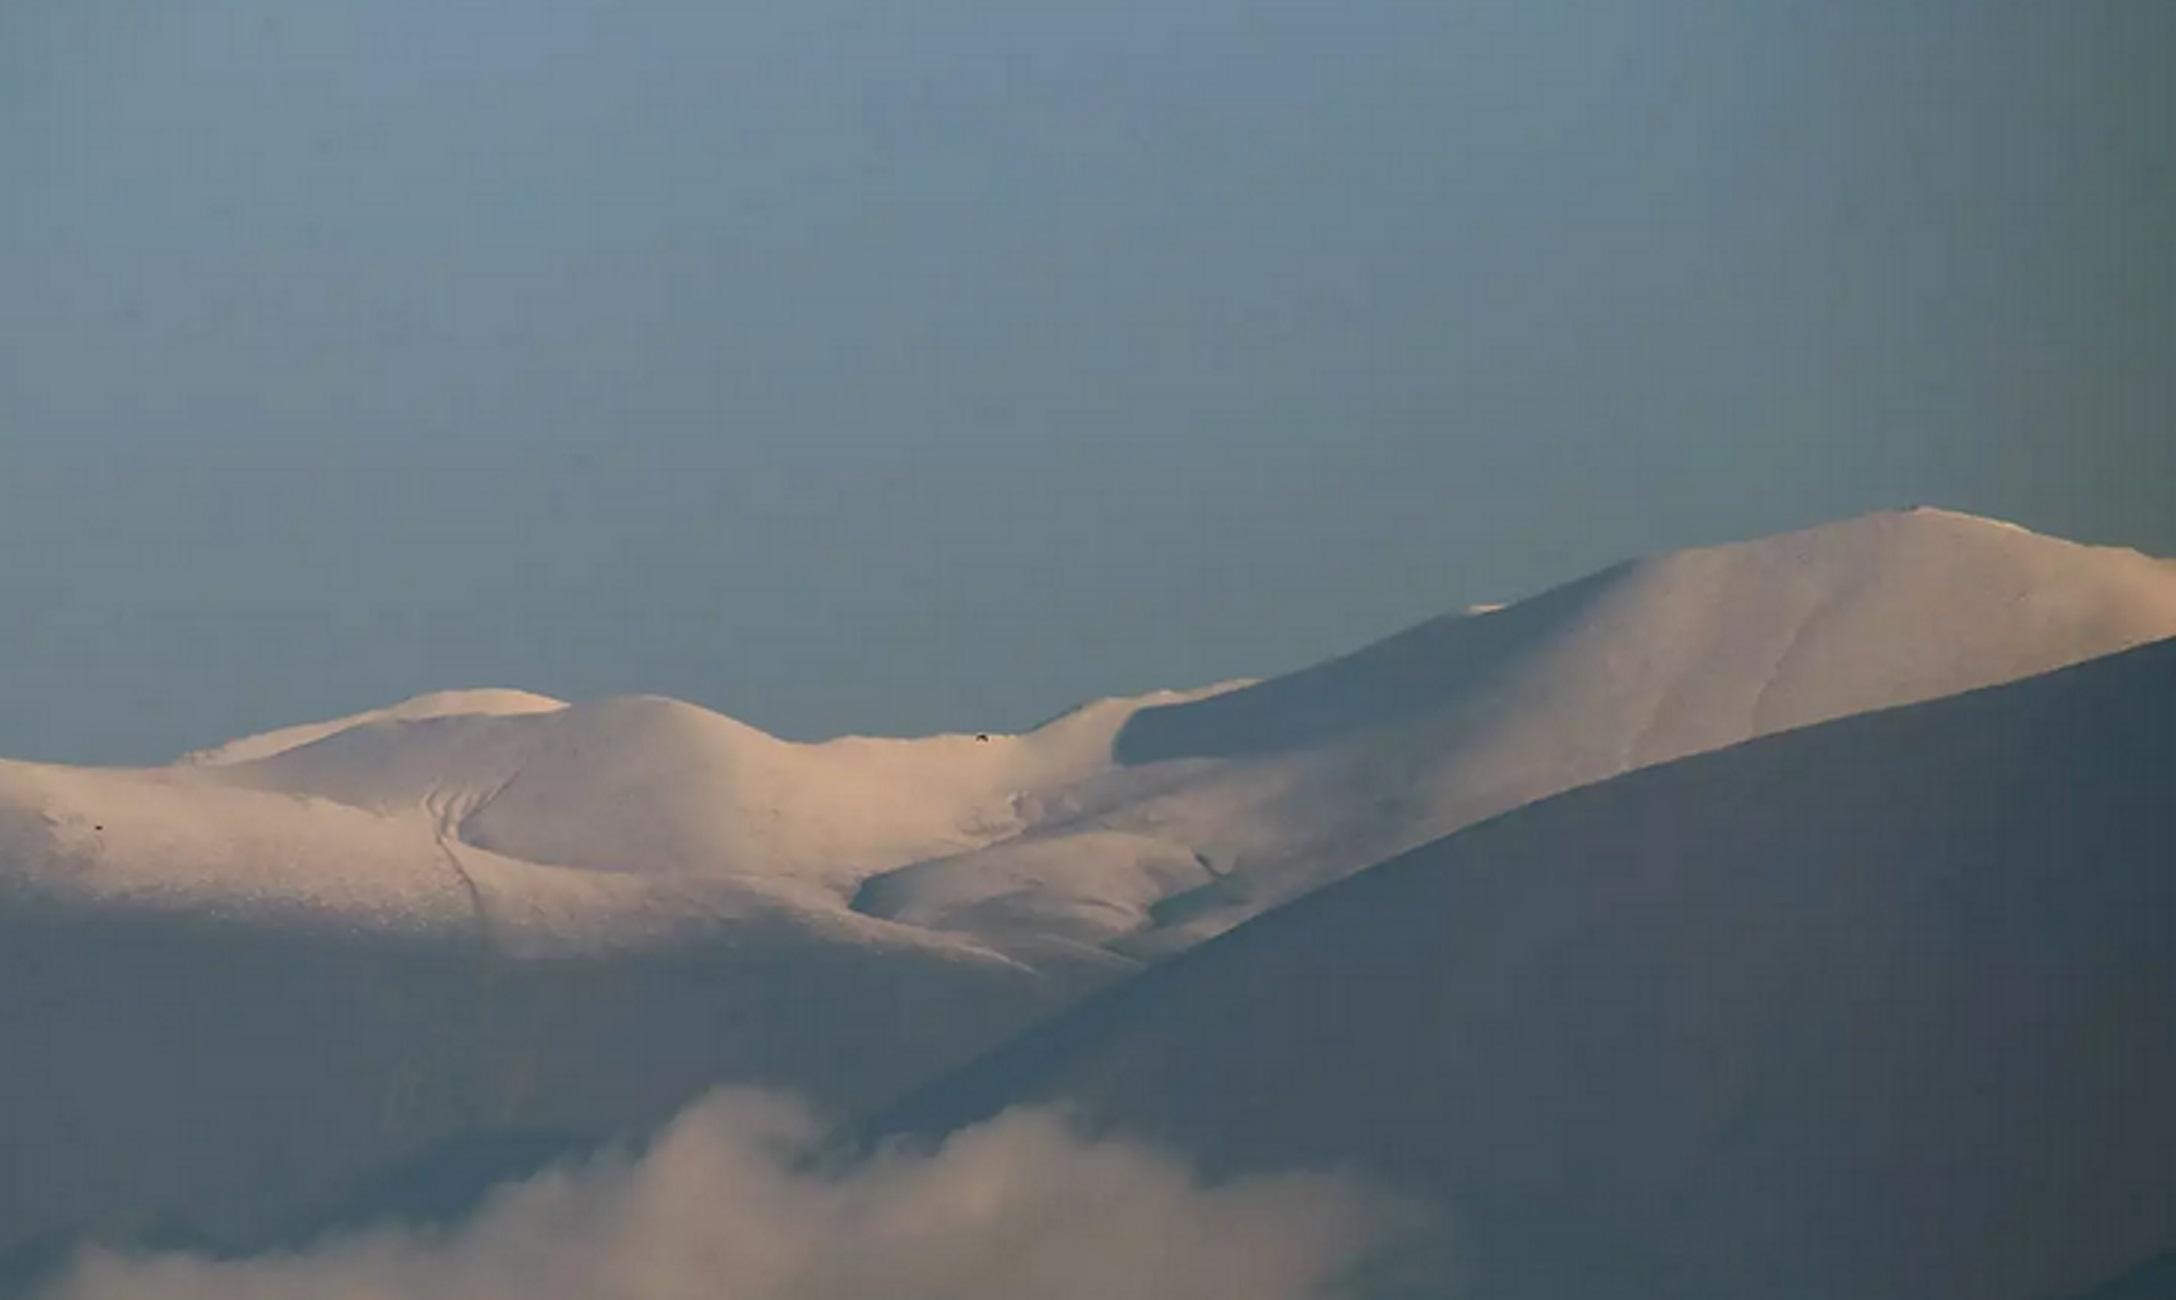 Καιρός: Χιόνια στον Όλυμπο – Νέες ειδυλλιακές εικόνες με το βουνό των Θεών «ντυμένο» στα λευκά